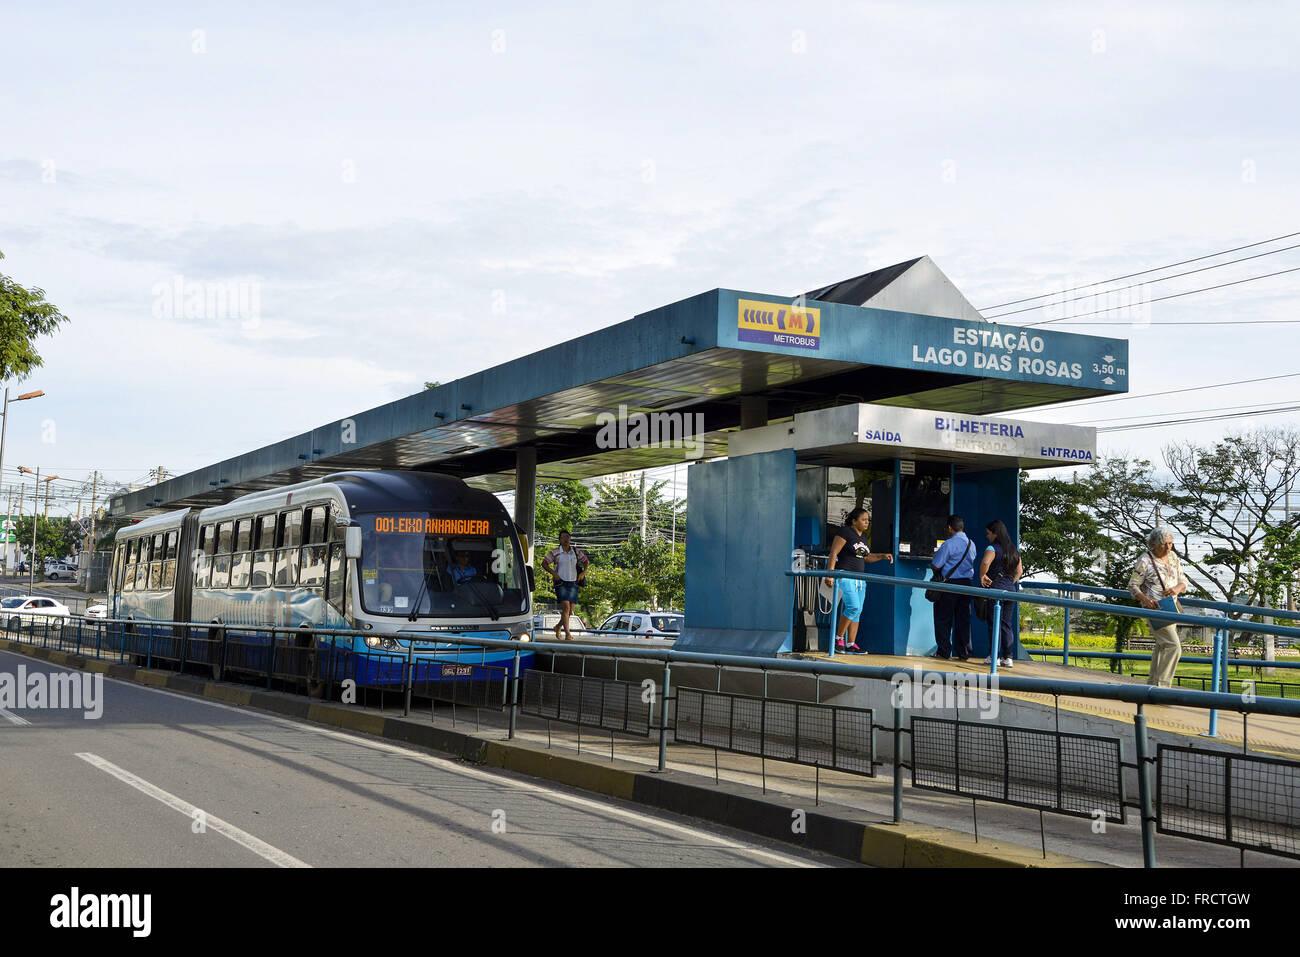 Transporte coletivo conhecido como metrobus na Estação Lago das Rosas no centro da cidade - Stock Image